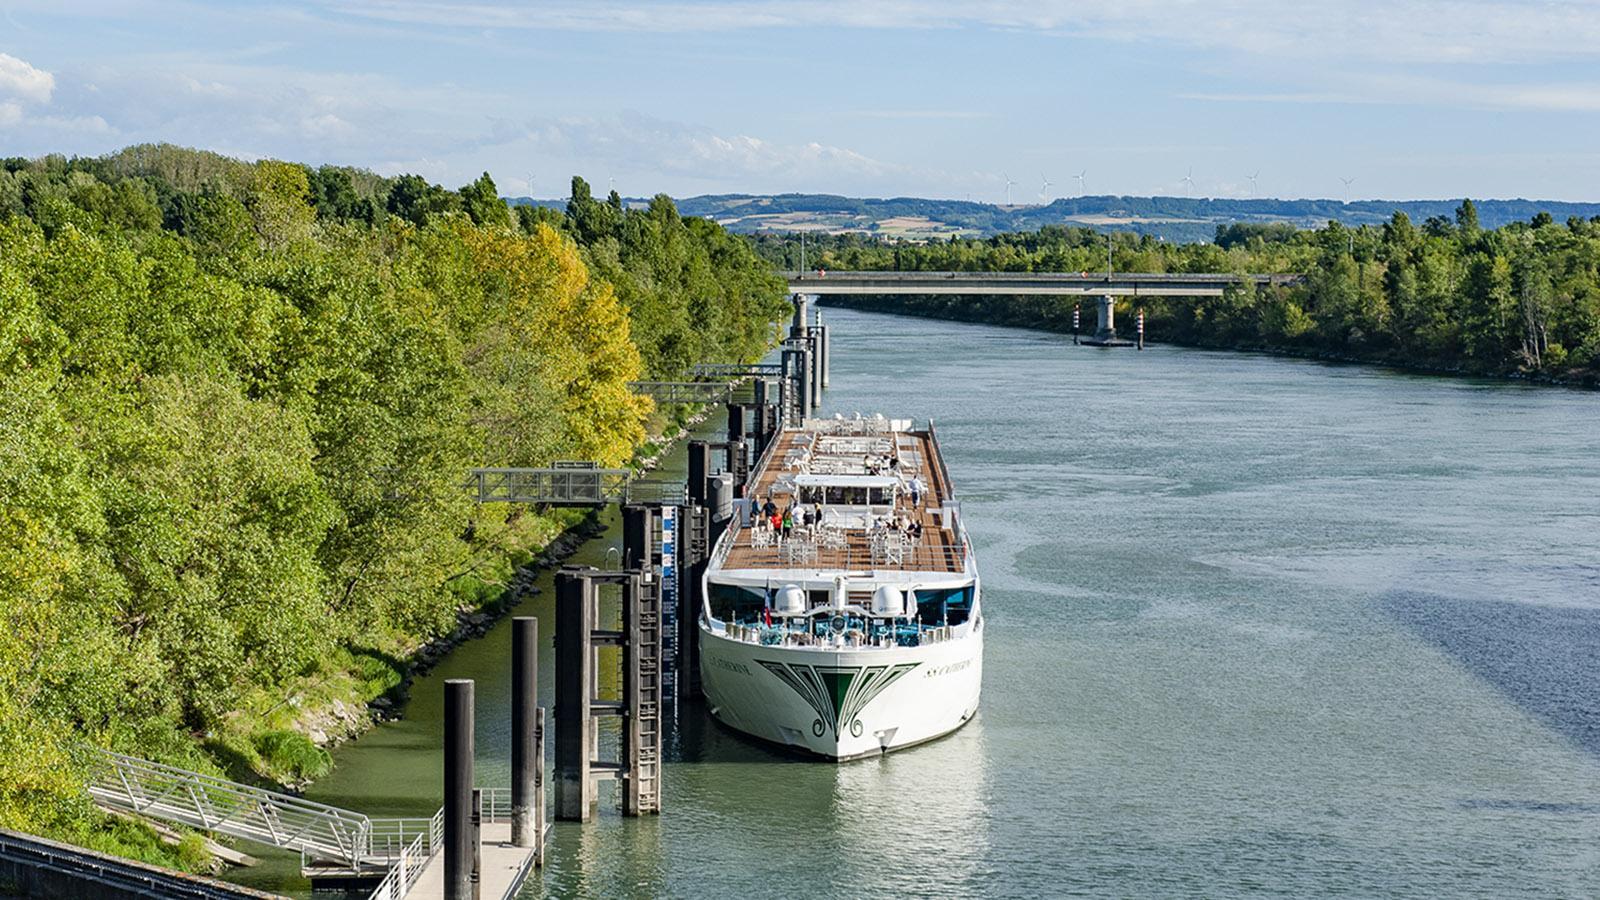 Flusskreuzfahrten in Frankreich: Warten vor der Schleuse - hier auf der Rhône. Foto: Hilke Maunder